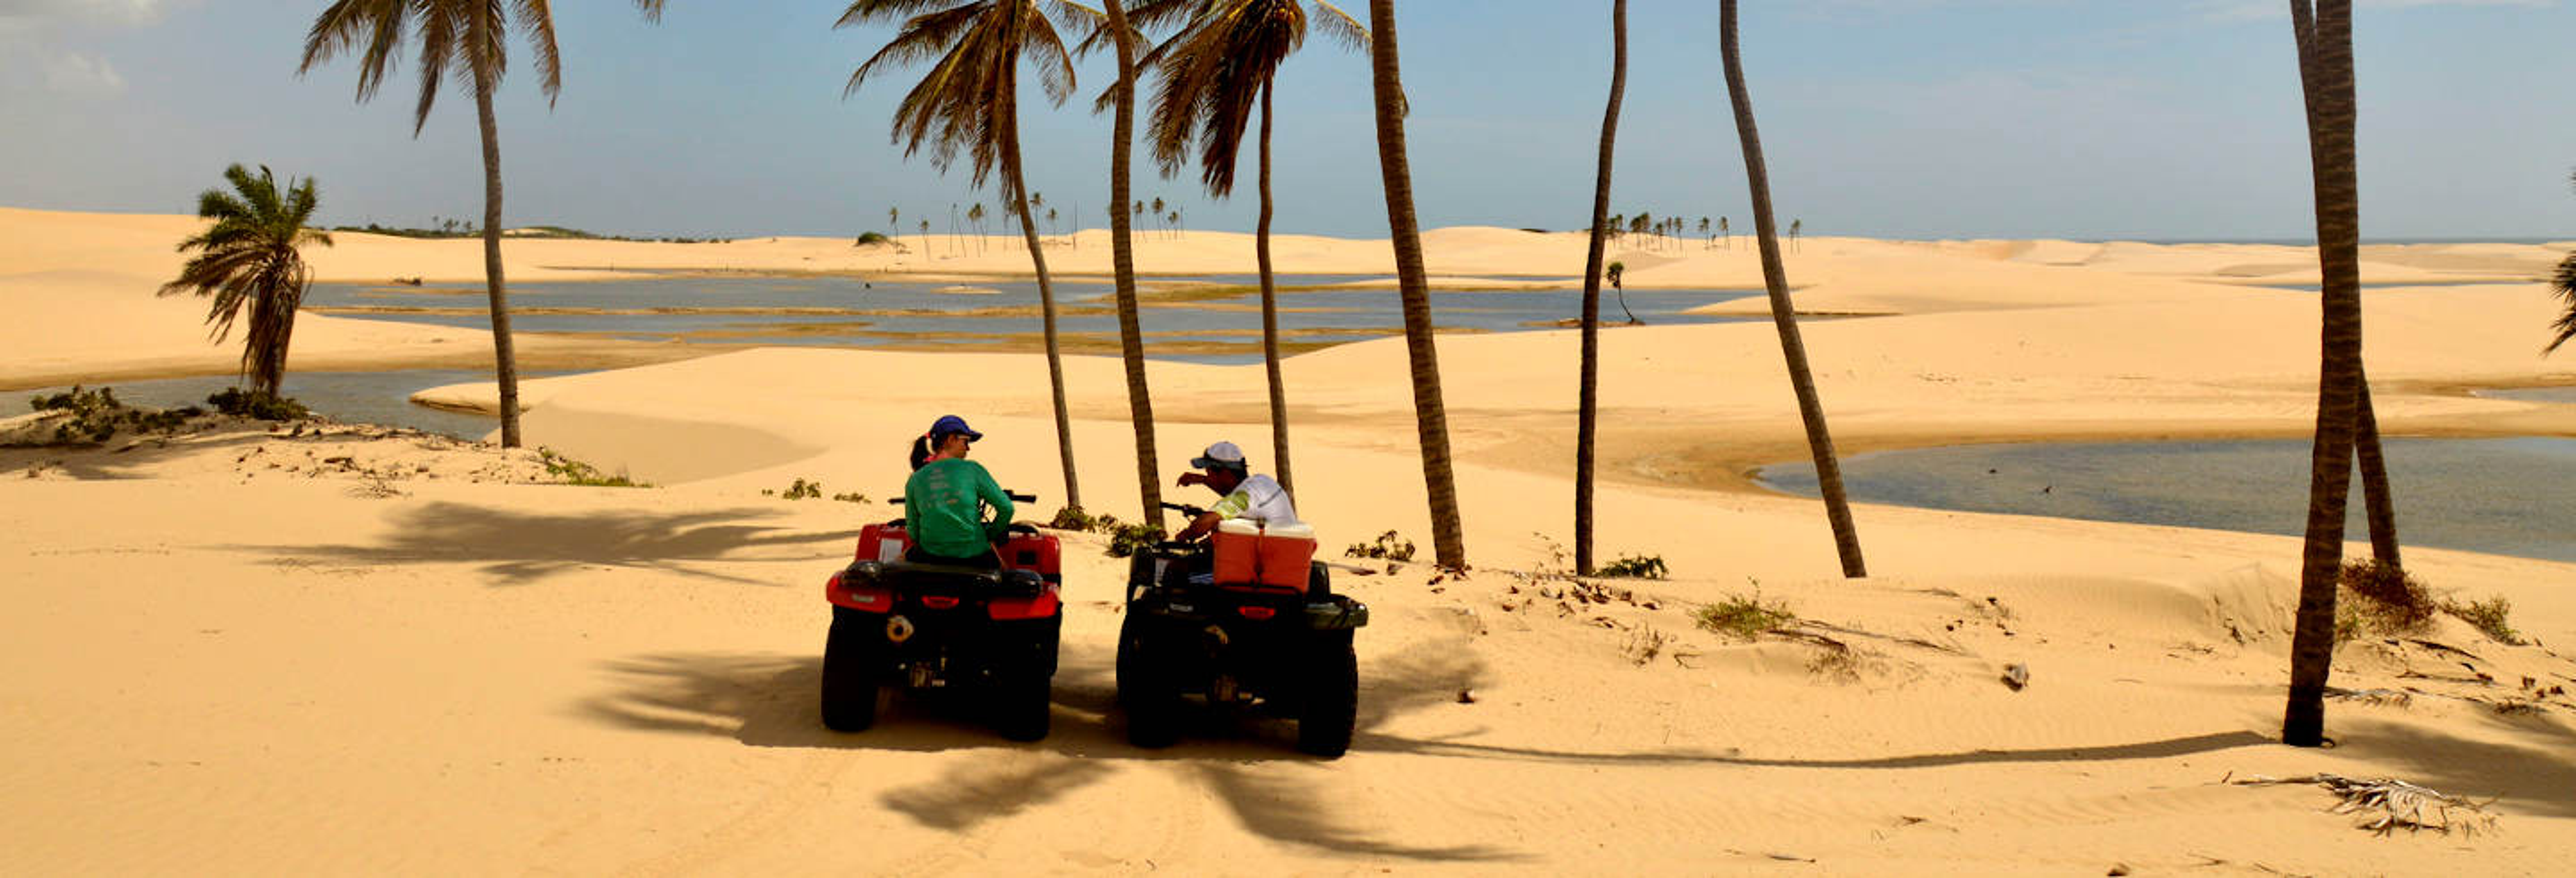 Tour en quad por el Parque Nacional de los Lençóis Maranhenses